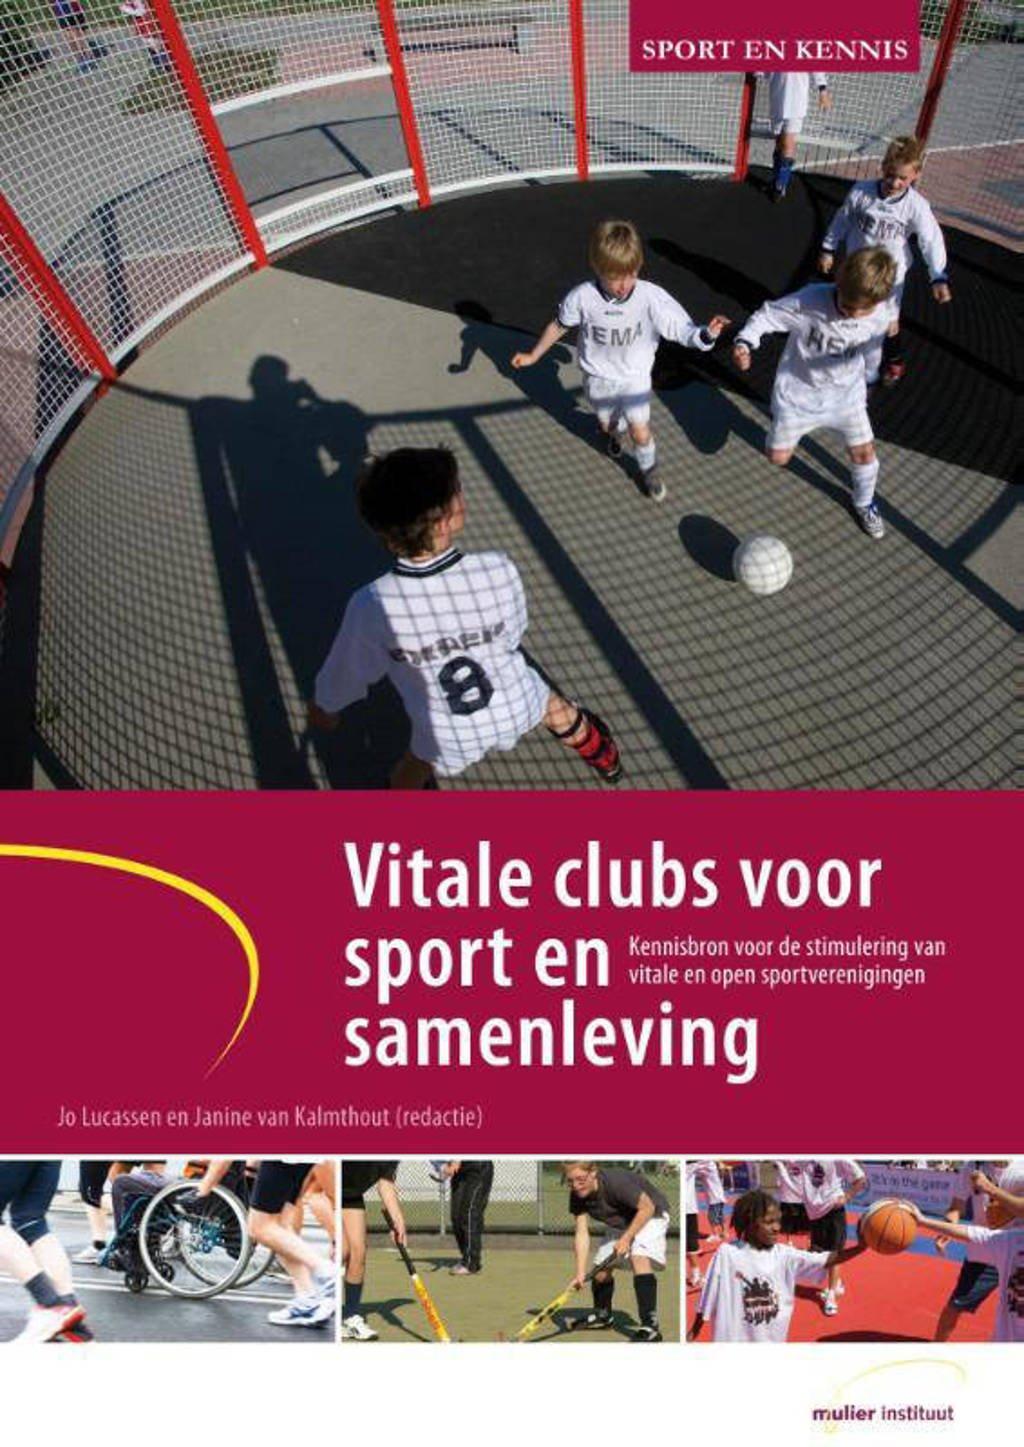 Sport en Kennis: Vitale clubs voor sport en samenleving